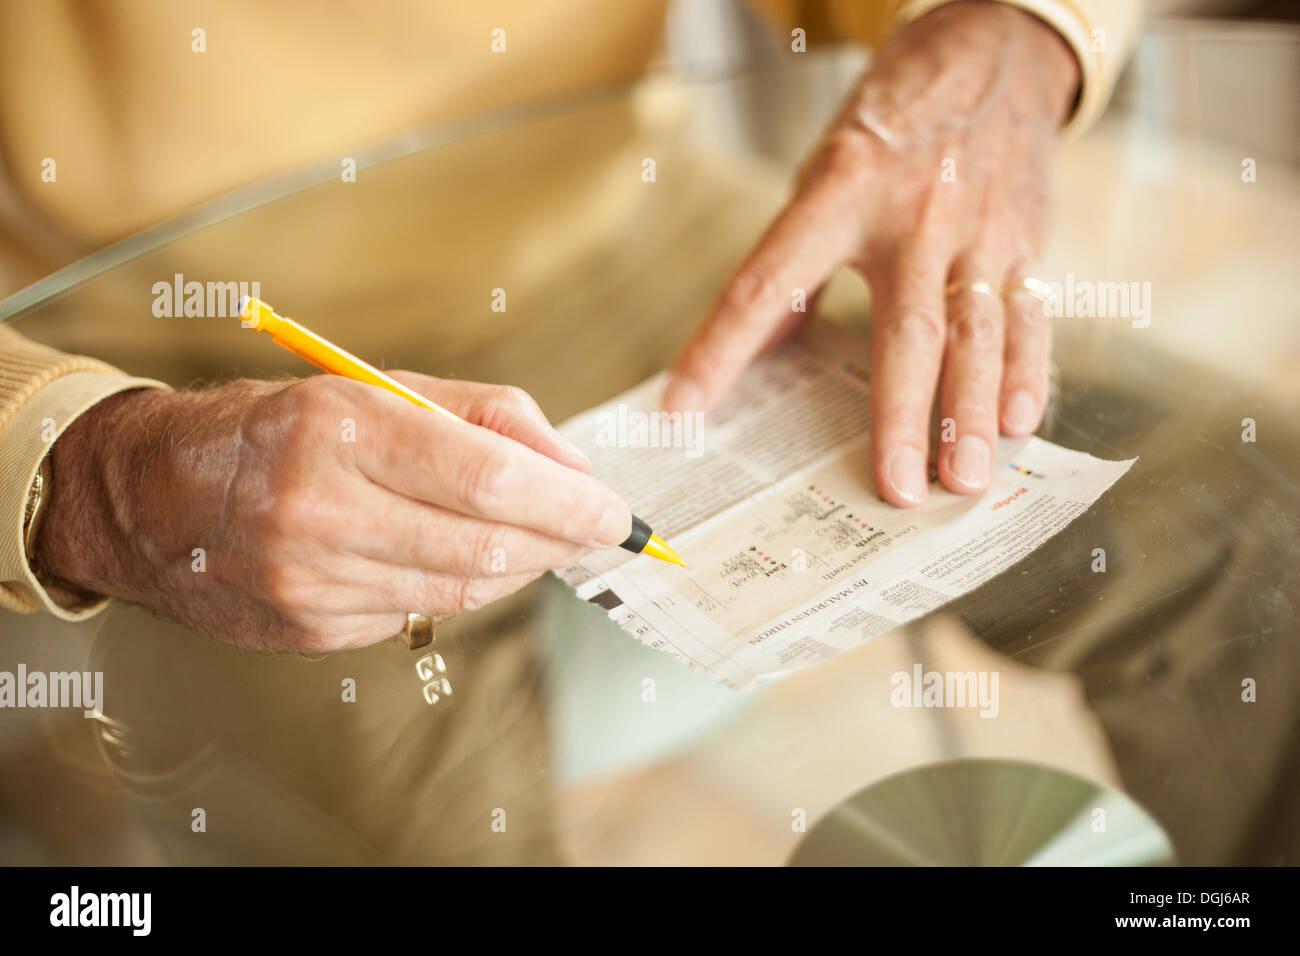 Cerca de edades de escritura a mano Imagen De Stock